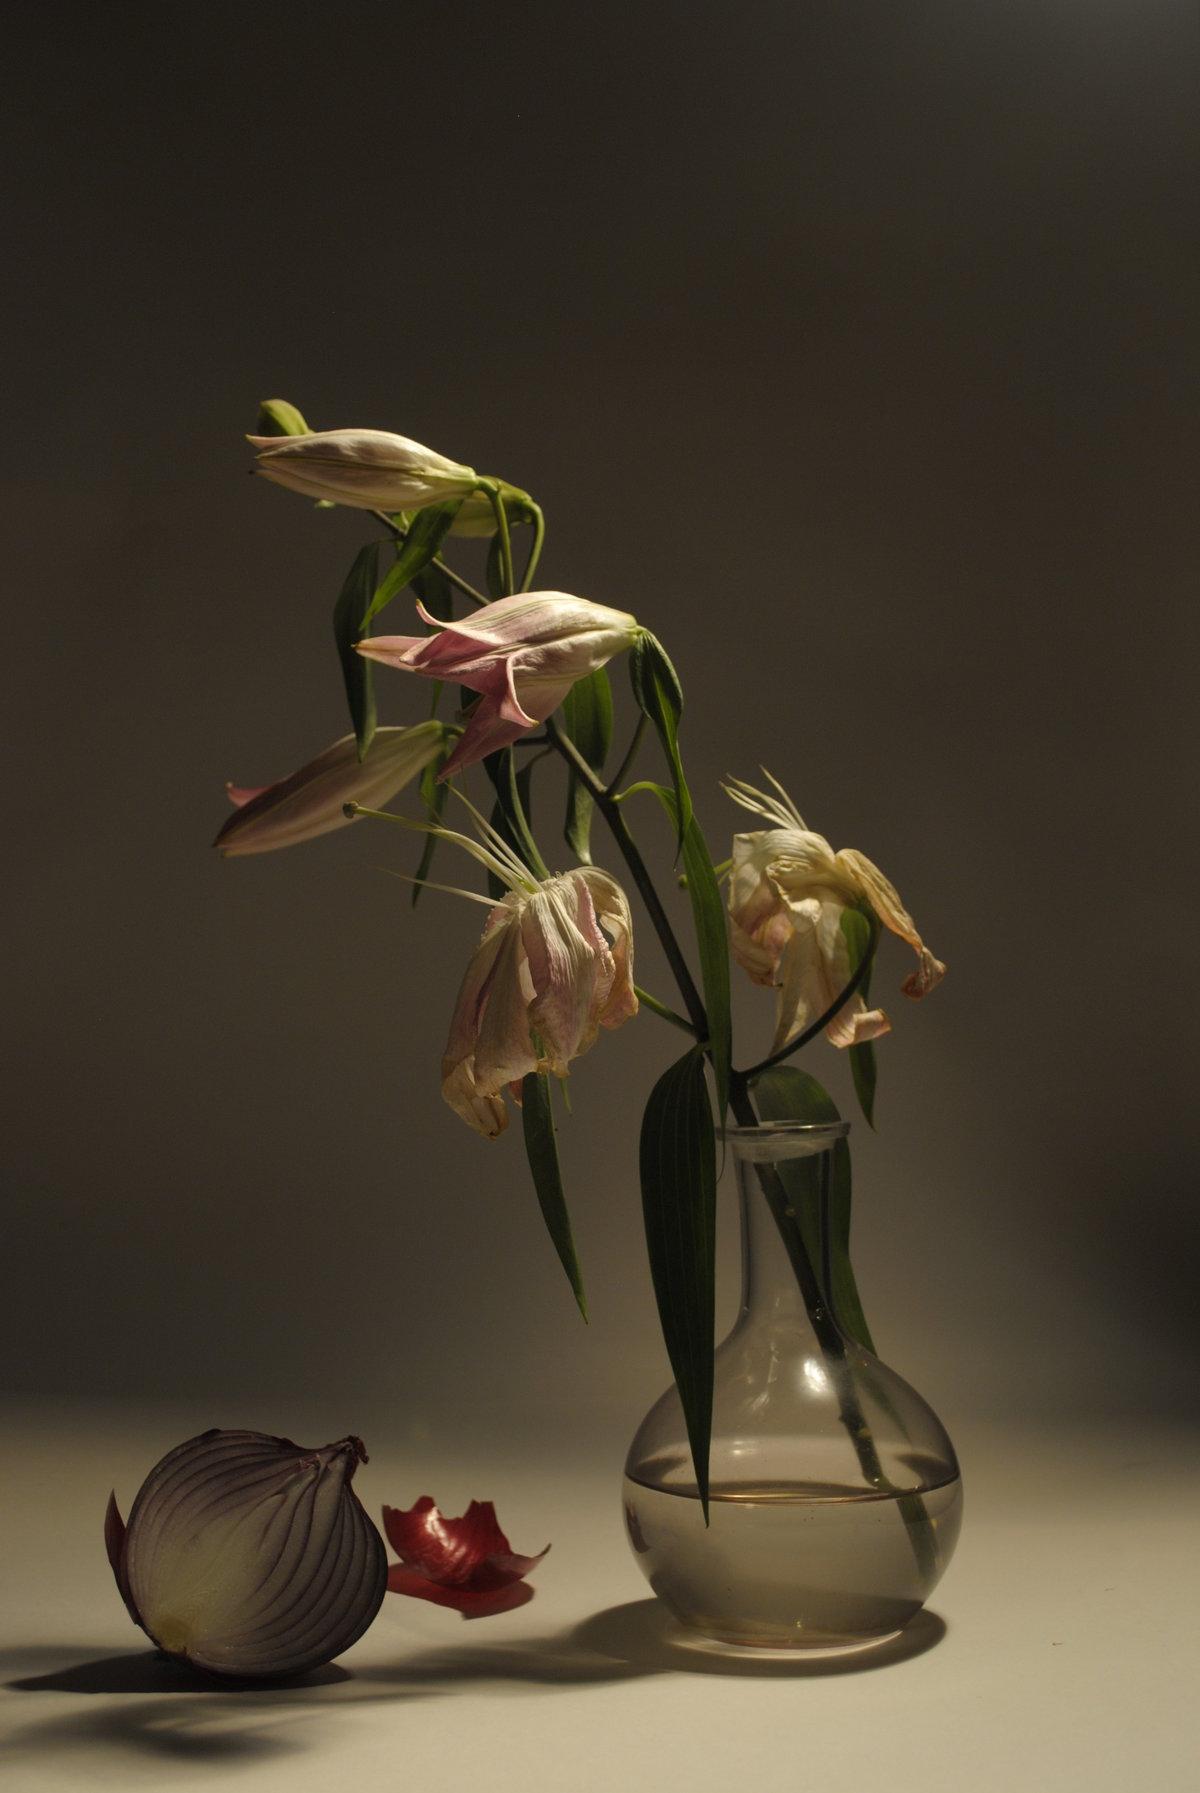 руди тюльпаны увядшие фото кастомизации мотолыг